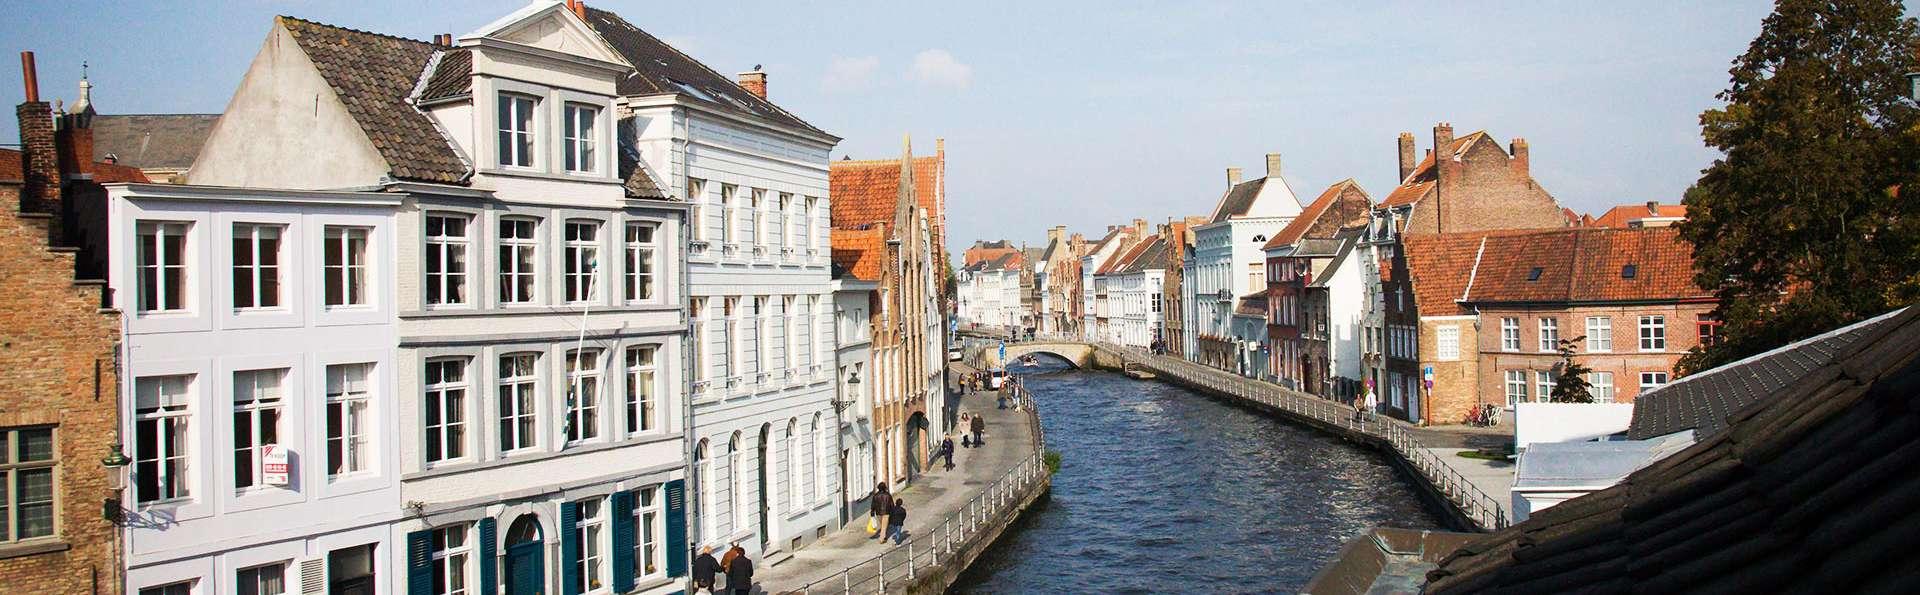 Découvrez la charmante ville de Bruges